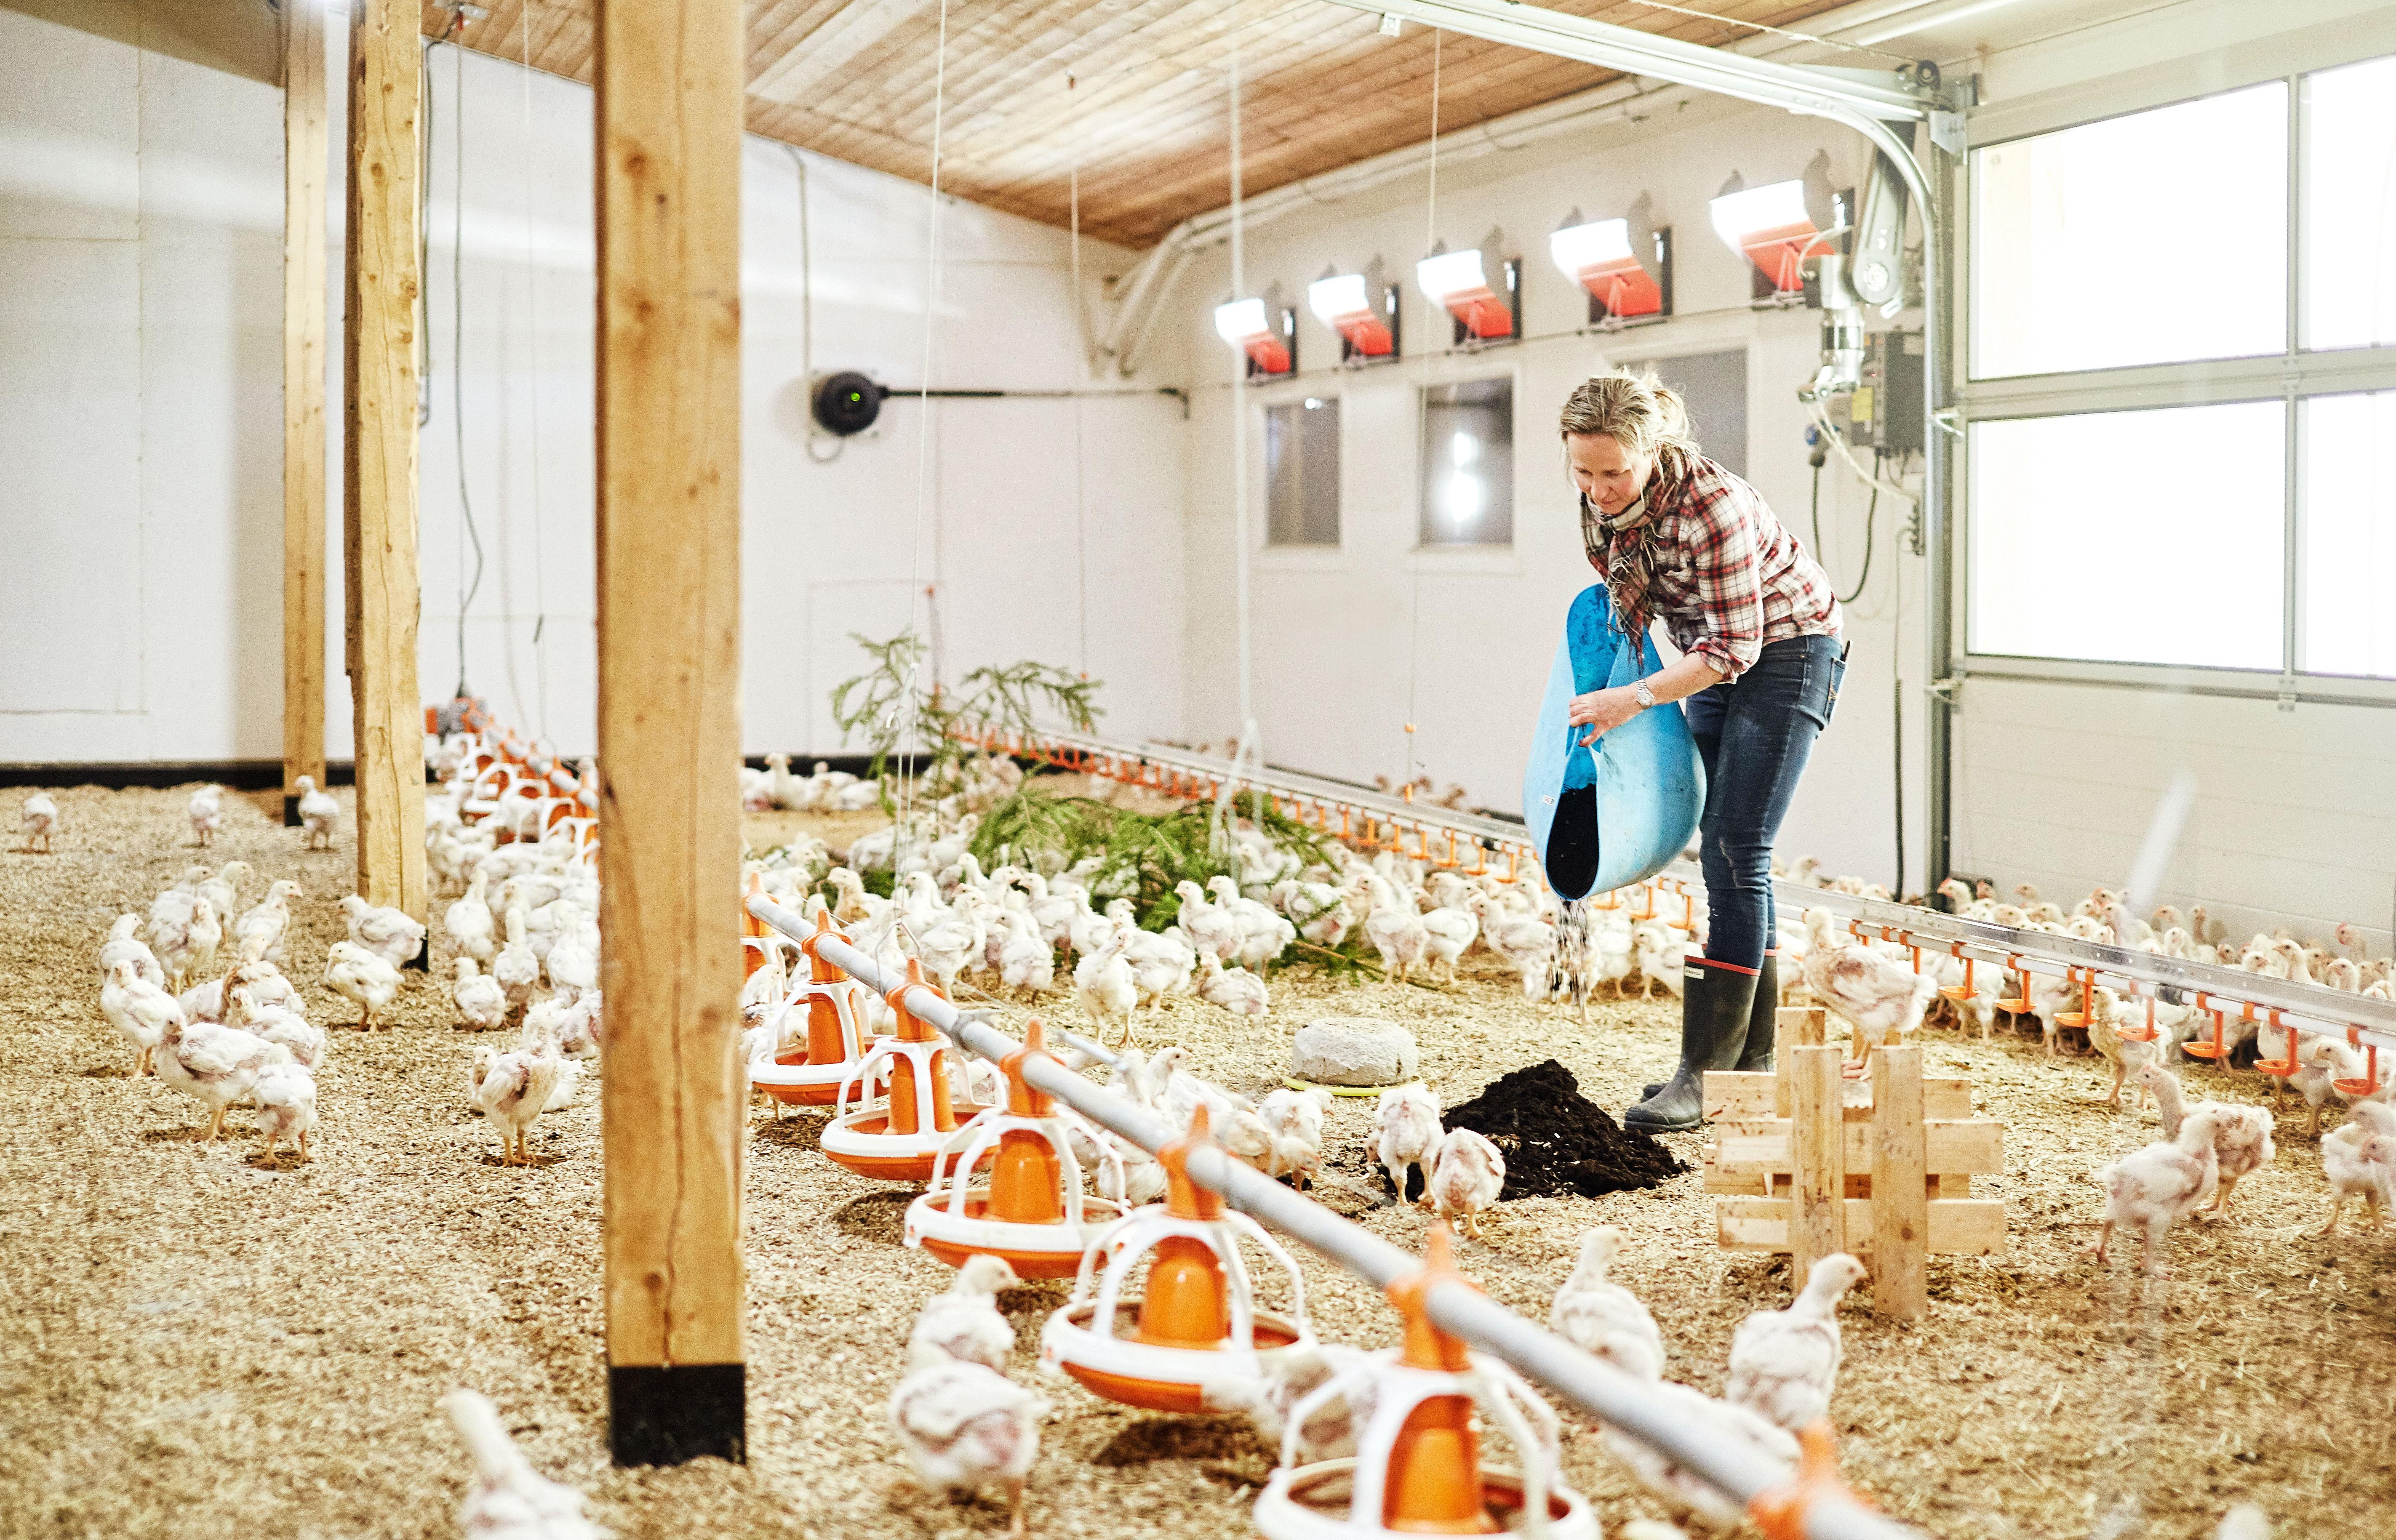 GOD PLASS: Kyllingene på Hovelsrud gård lever i et stimulerende miljø med vagler, høy og sandbad. De har naturlig lys og kan gå ut og inn som de vil.